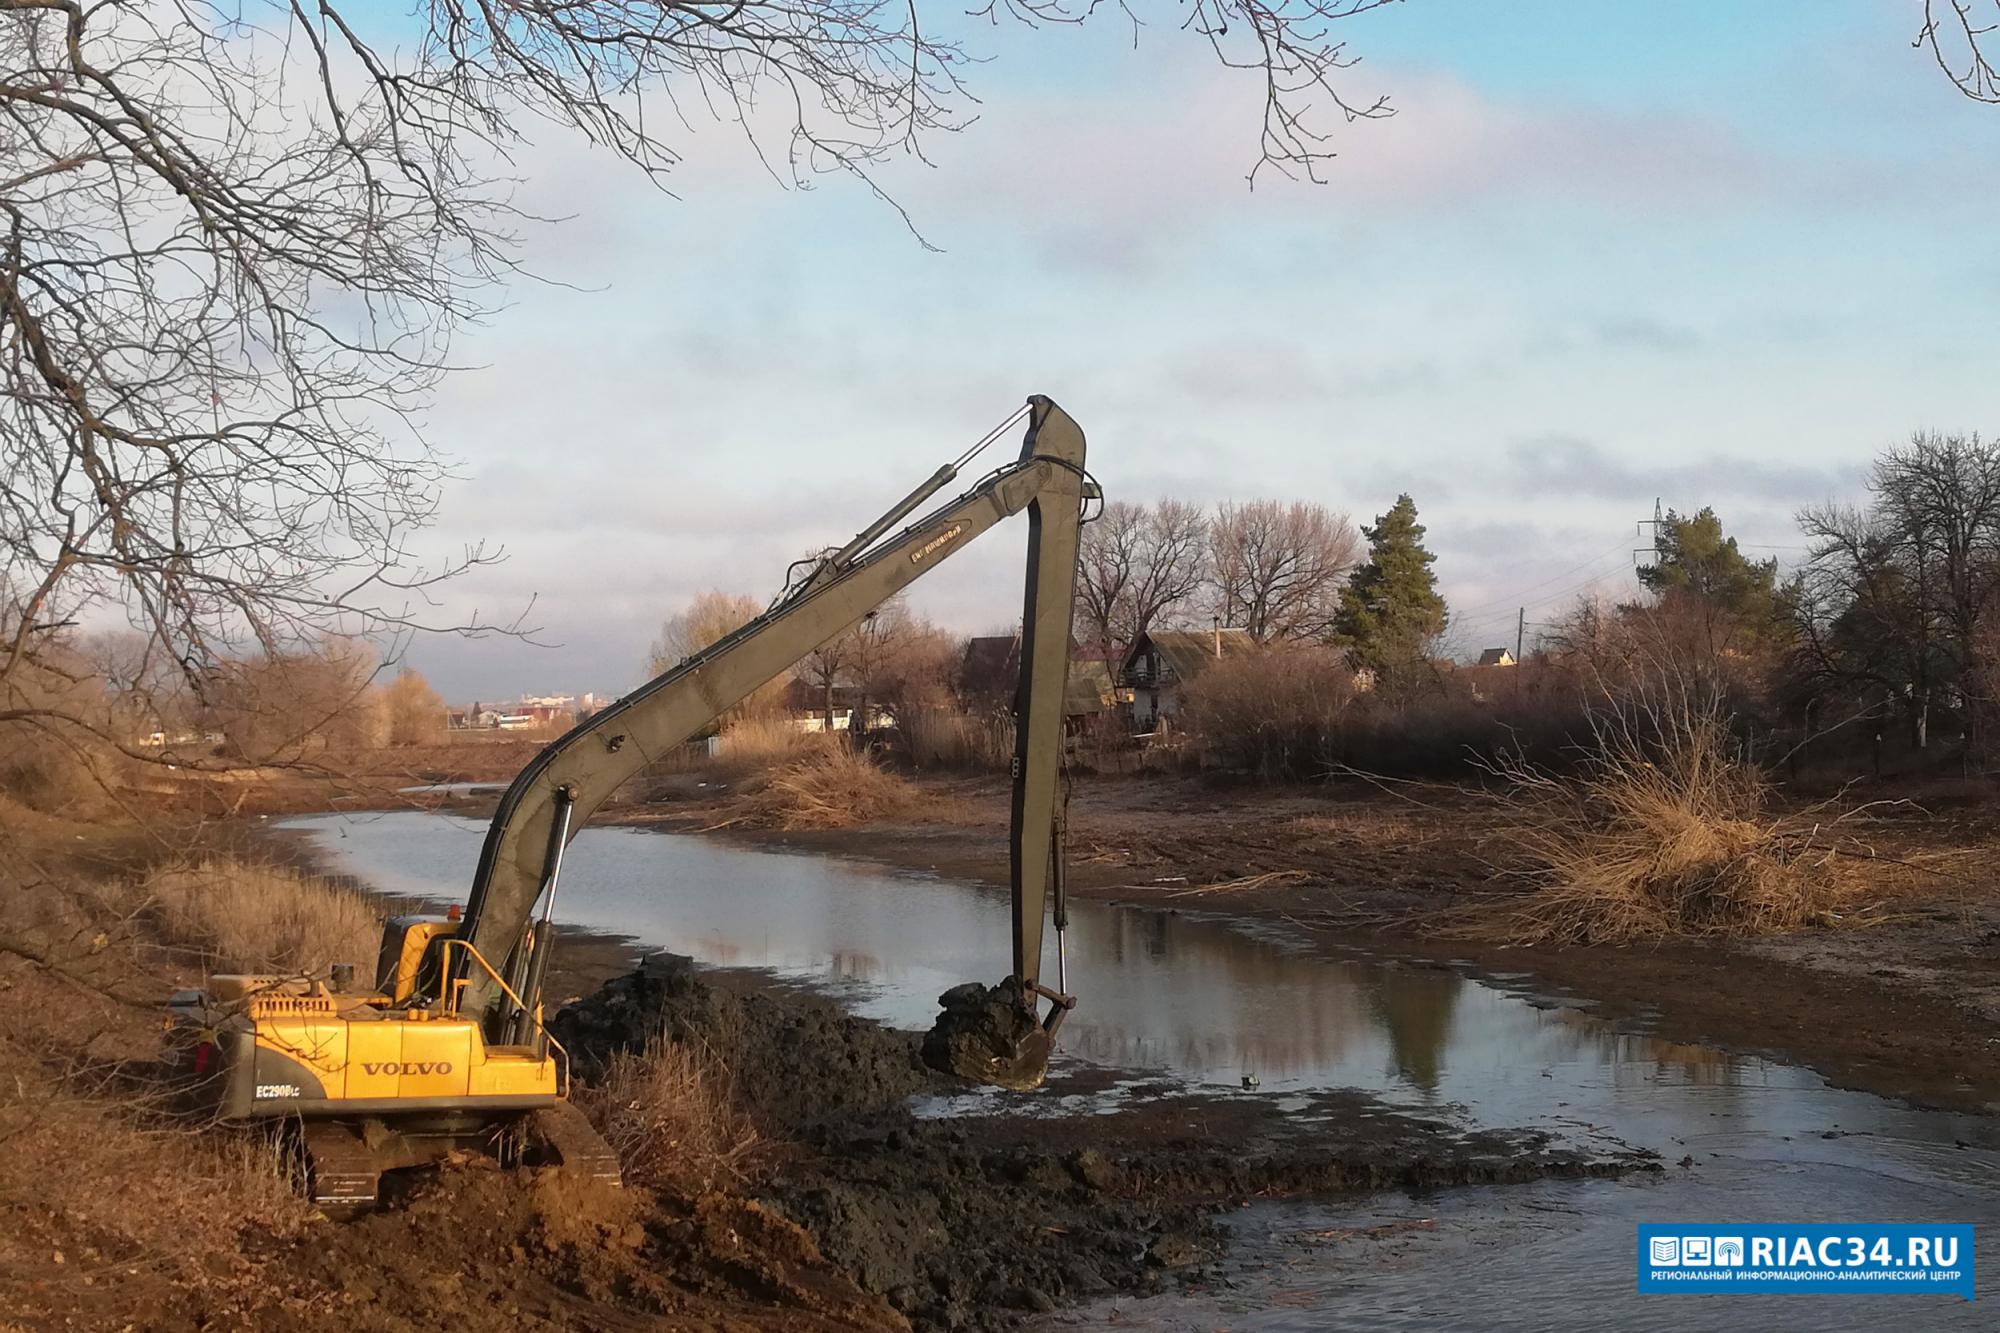 В Волгоградской области расчистят еще 16 объектов Волго-Ахтубинской поймы